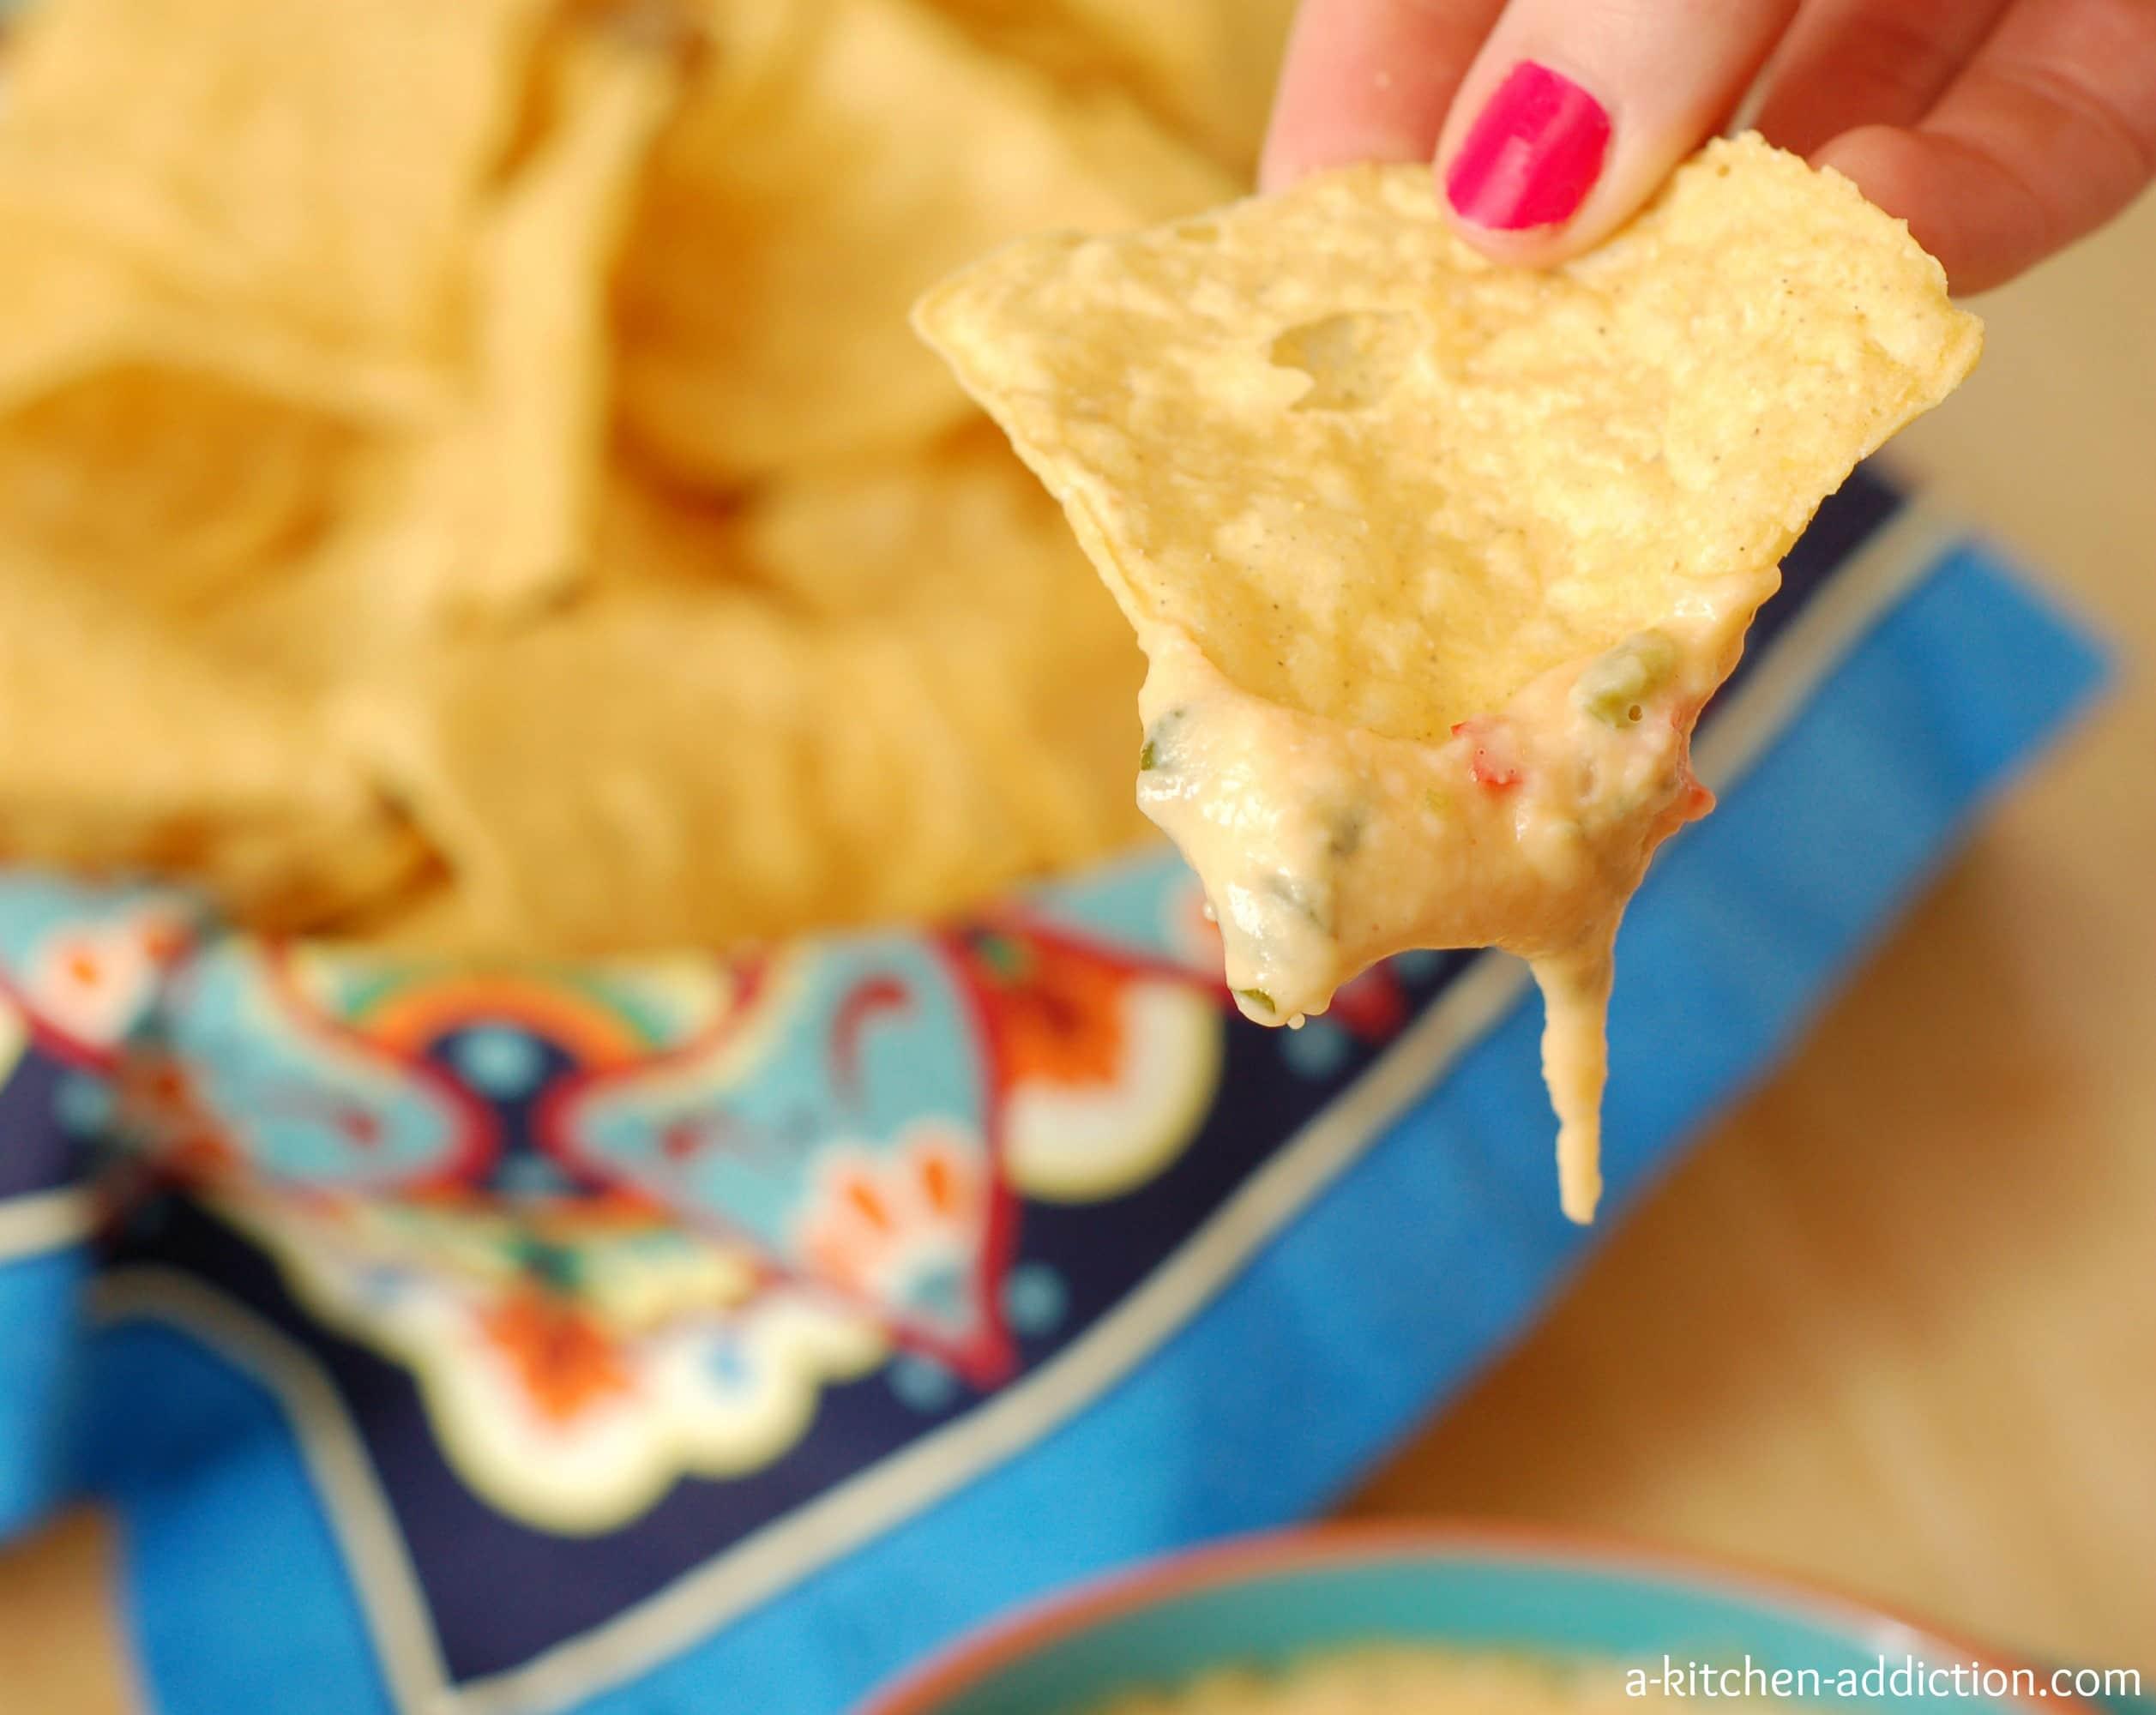 Cilantro queso a kitchen addiction for A kitchen addiction